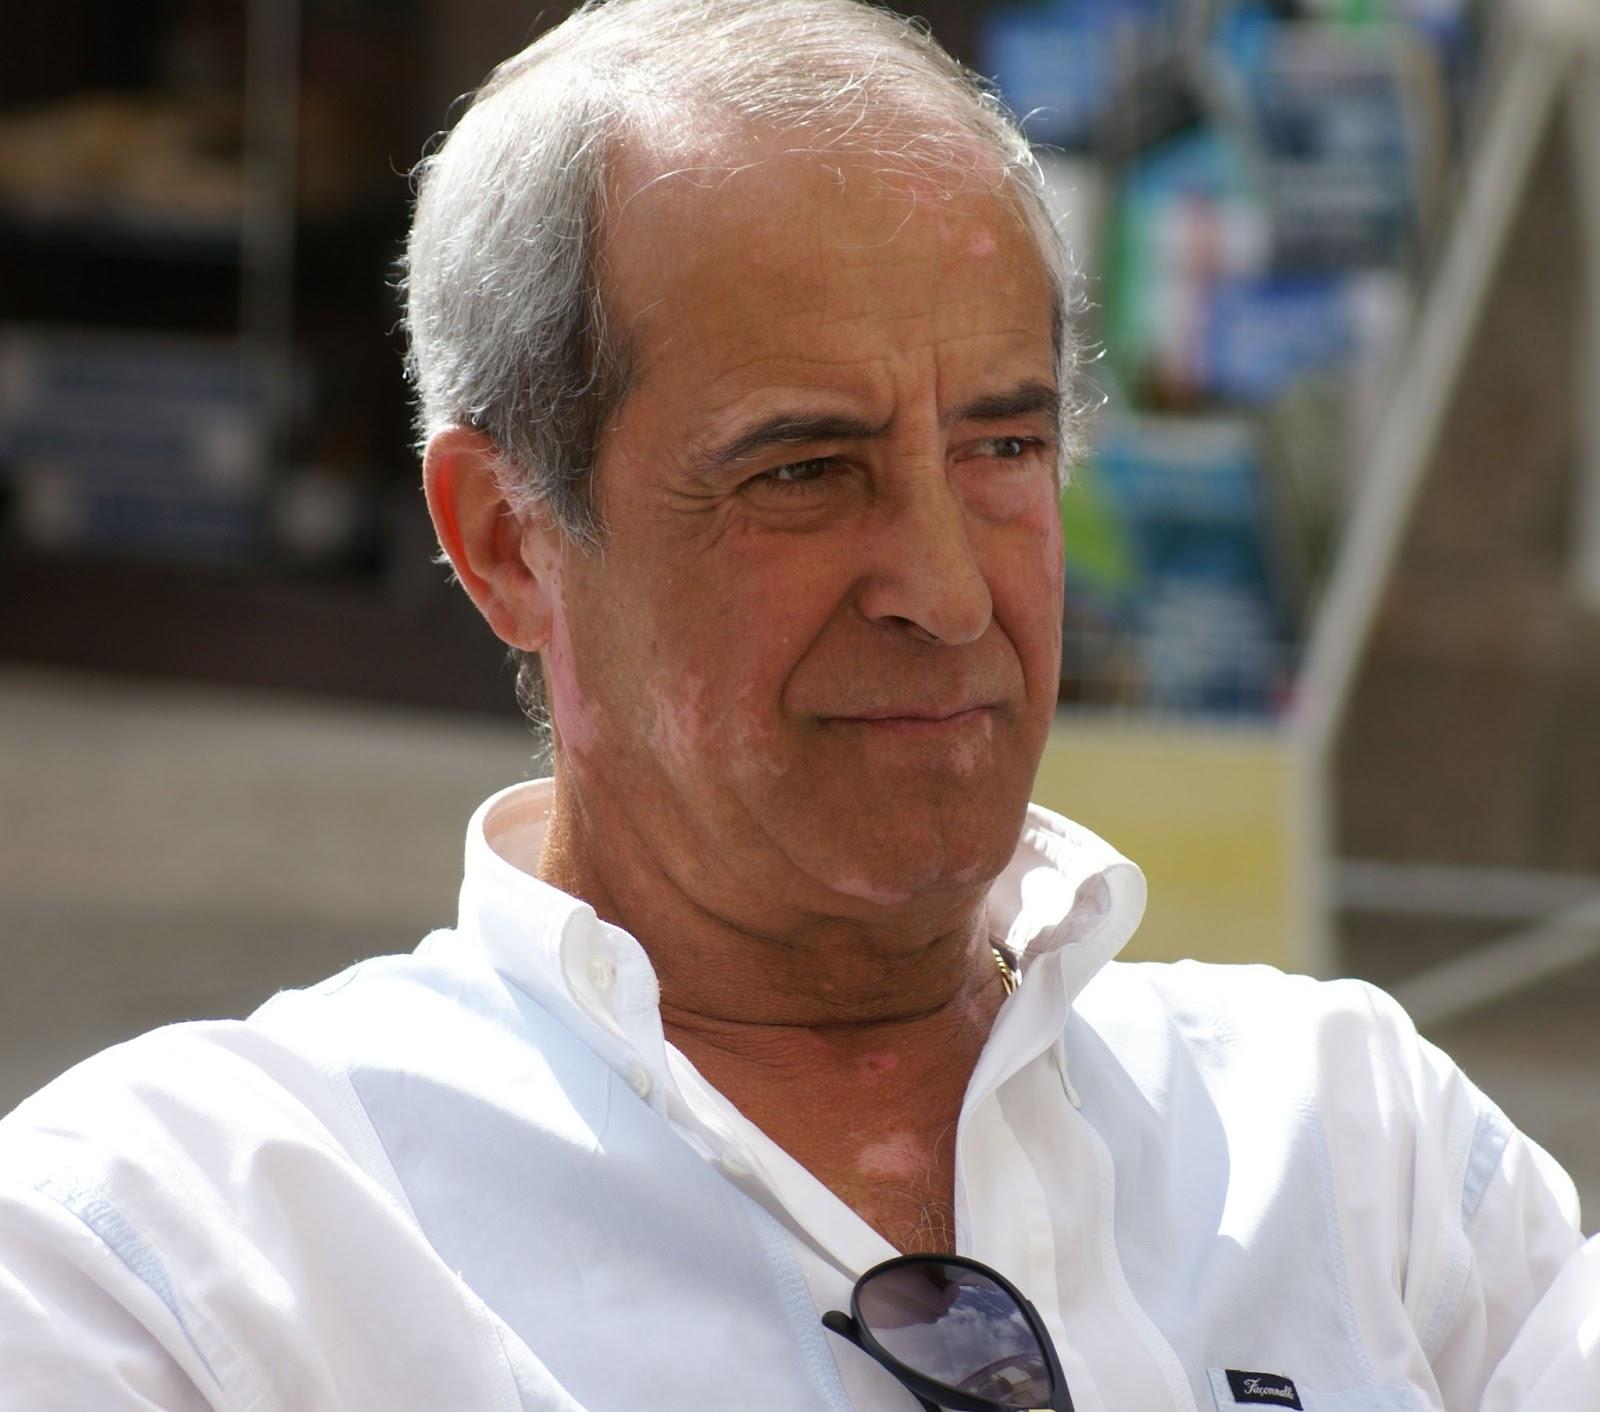 José María Moreno Bermejo